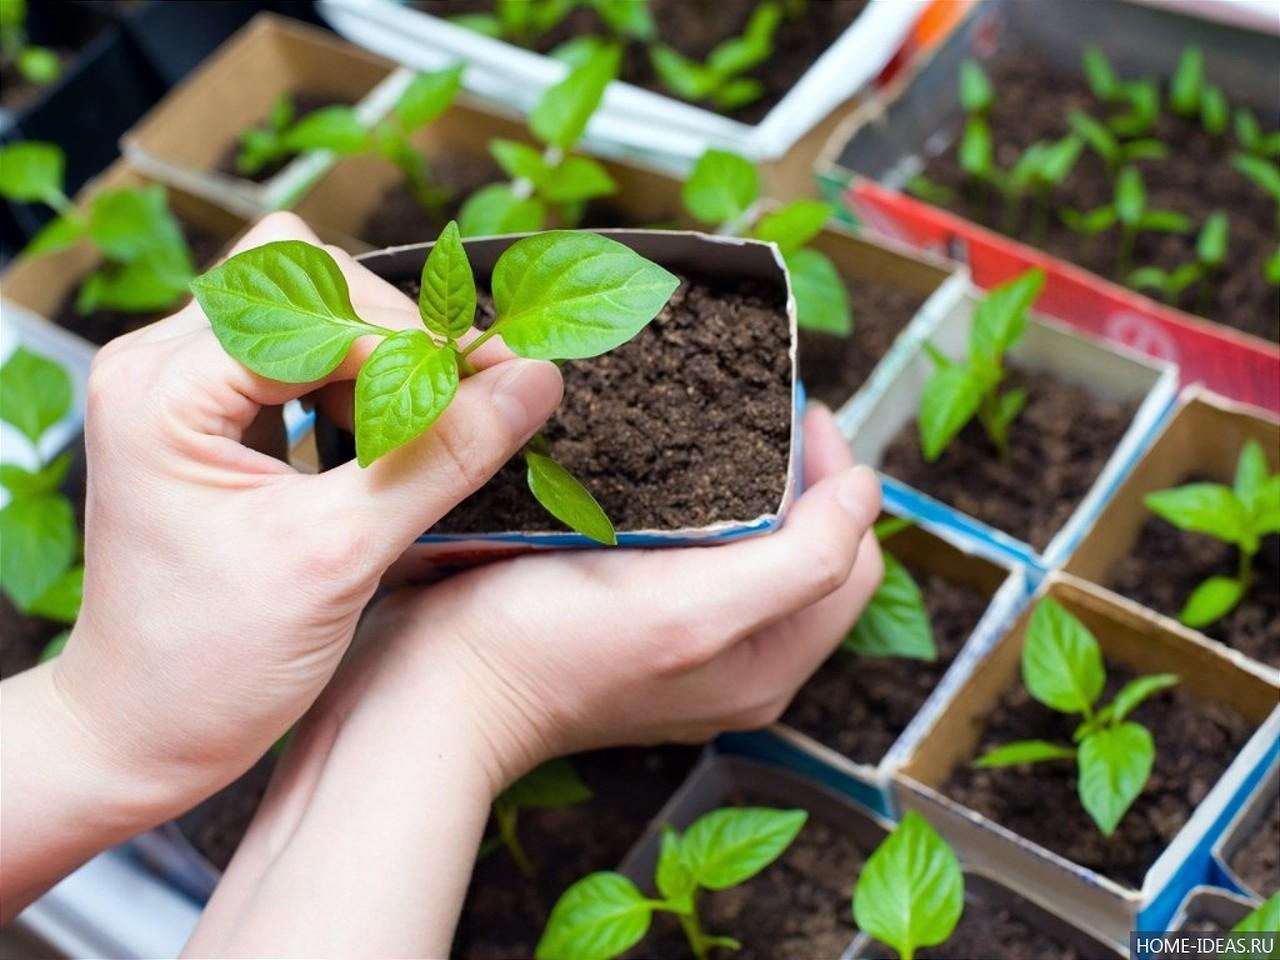 """В клубе садоводов-любителей """"Волжанка"""" состоится занятие по теме """"Способы выращивания рассады"""" (лектор - кандидат сельскохозяйст"""